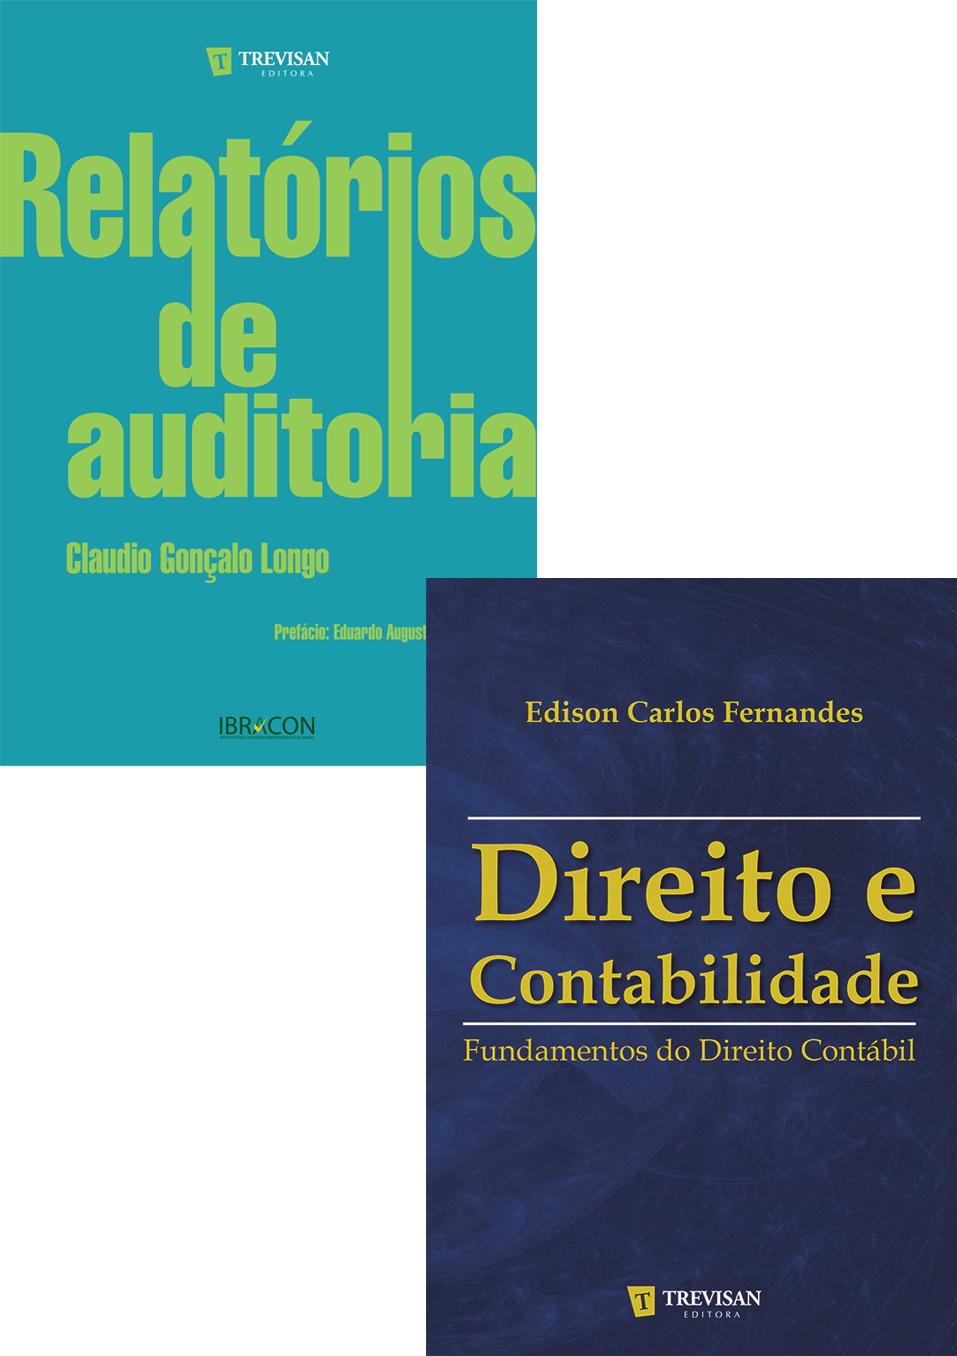 >> Auditoria, Direito e Contabilidade >> DESCONTO 50%